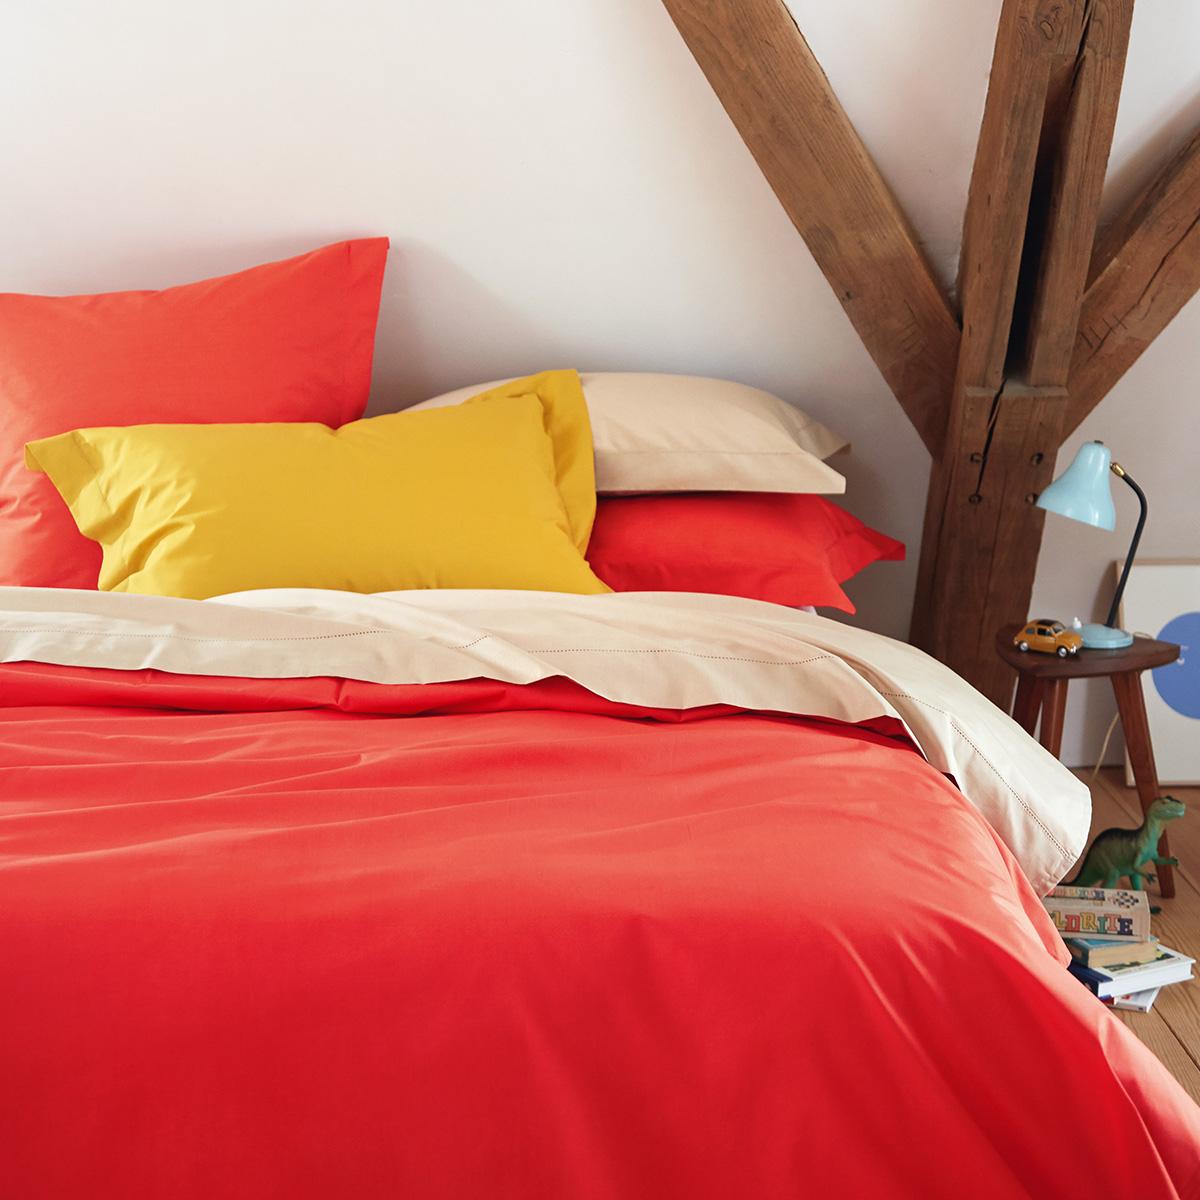 Housse de couette percale Rouge 240 x 220 cm